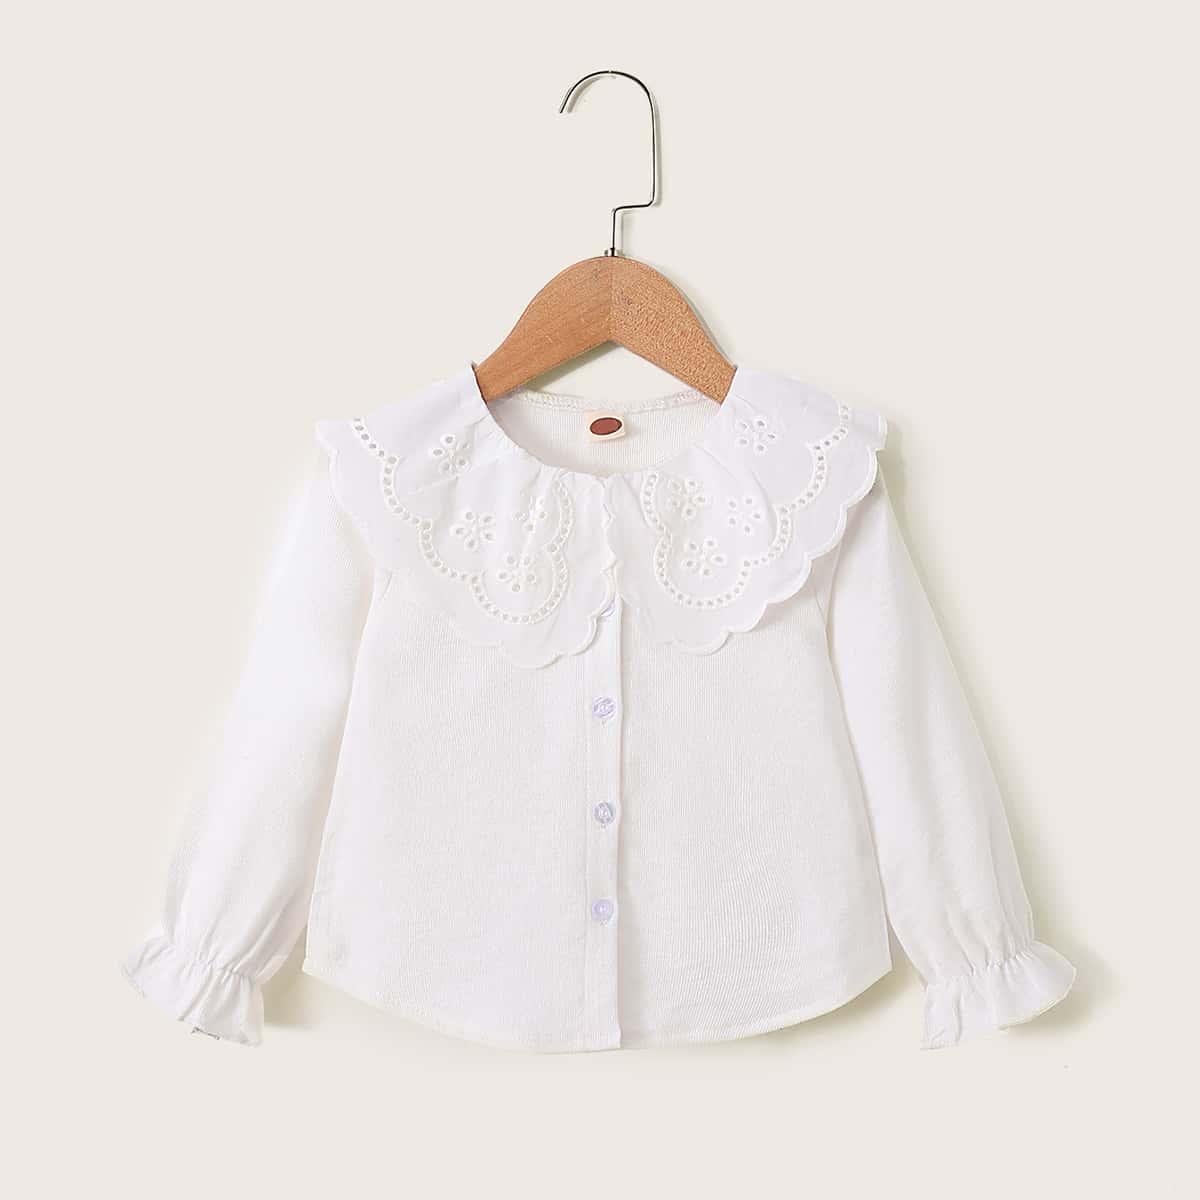 Блуза с пуговицами и вышивкой для девочек от SHEIN